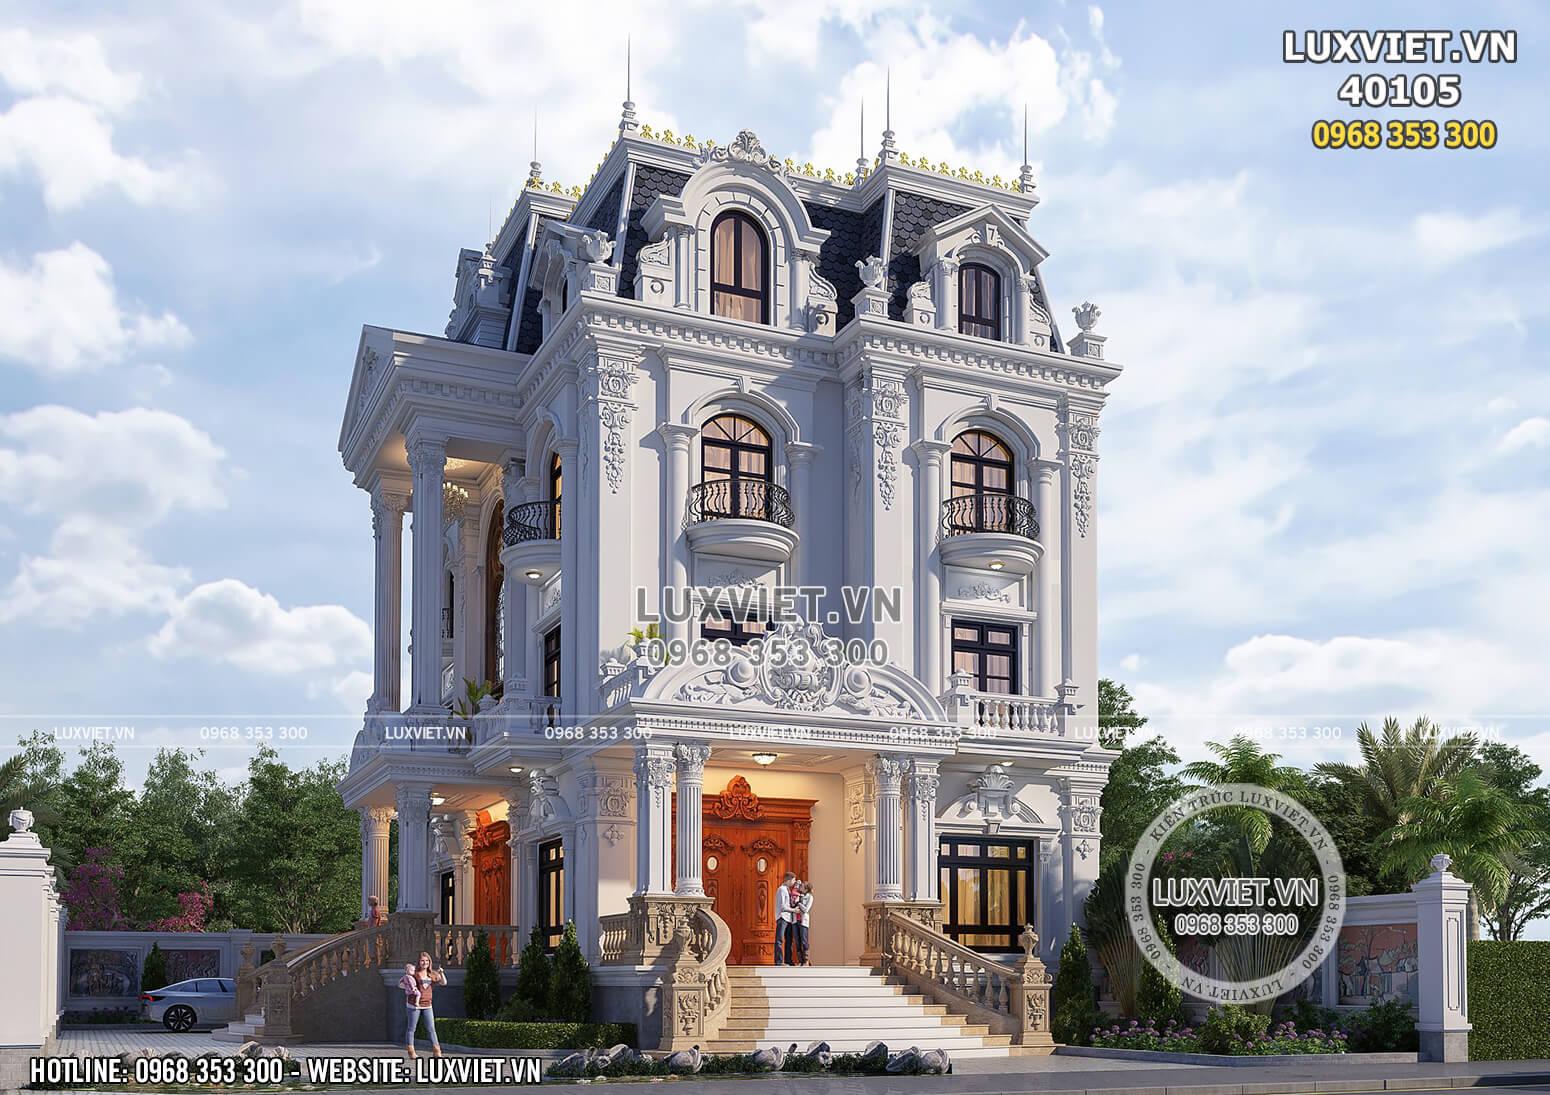 Phối cảnh 3D ngoại thất mẫu thiết kế biệt thự 3 tầng tân cổ điển đẹp